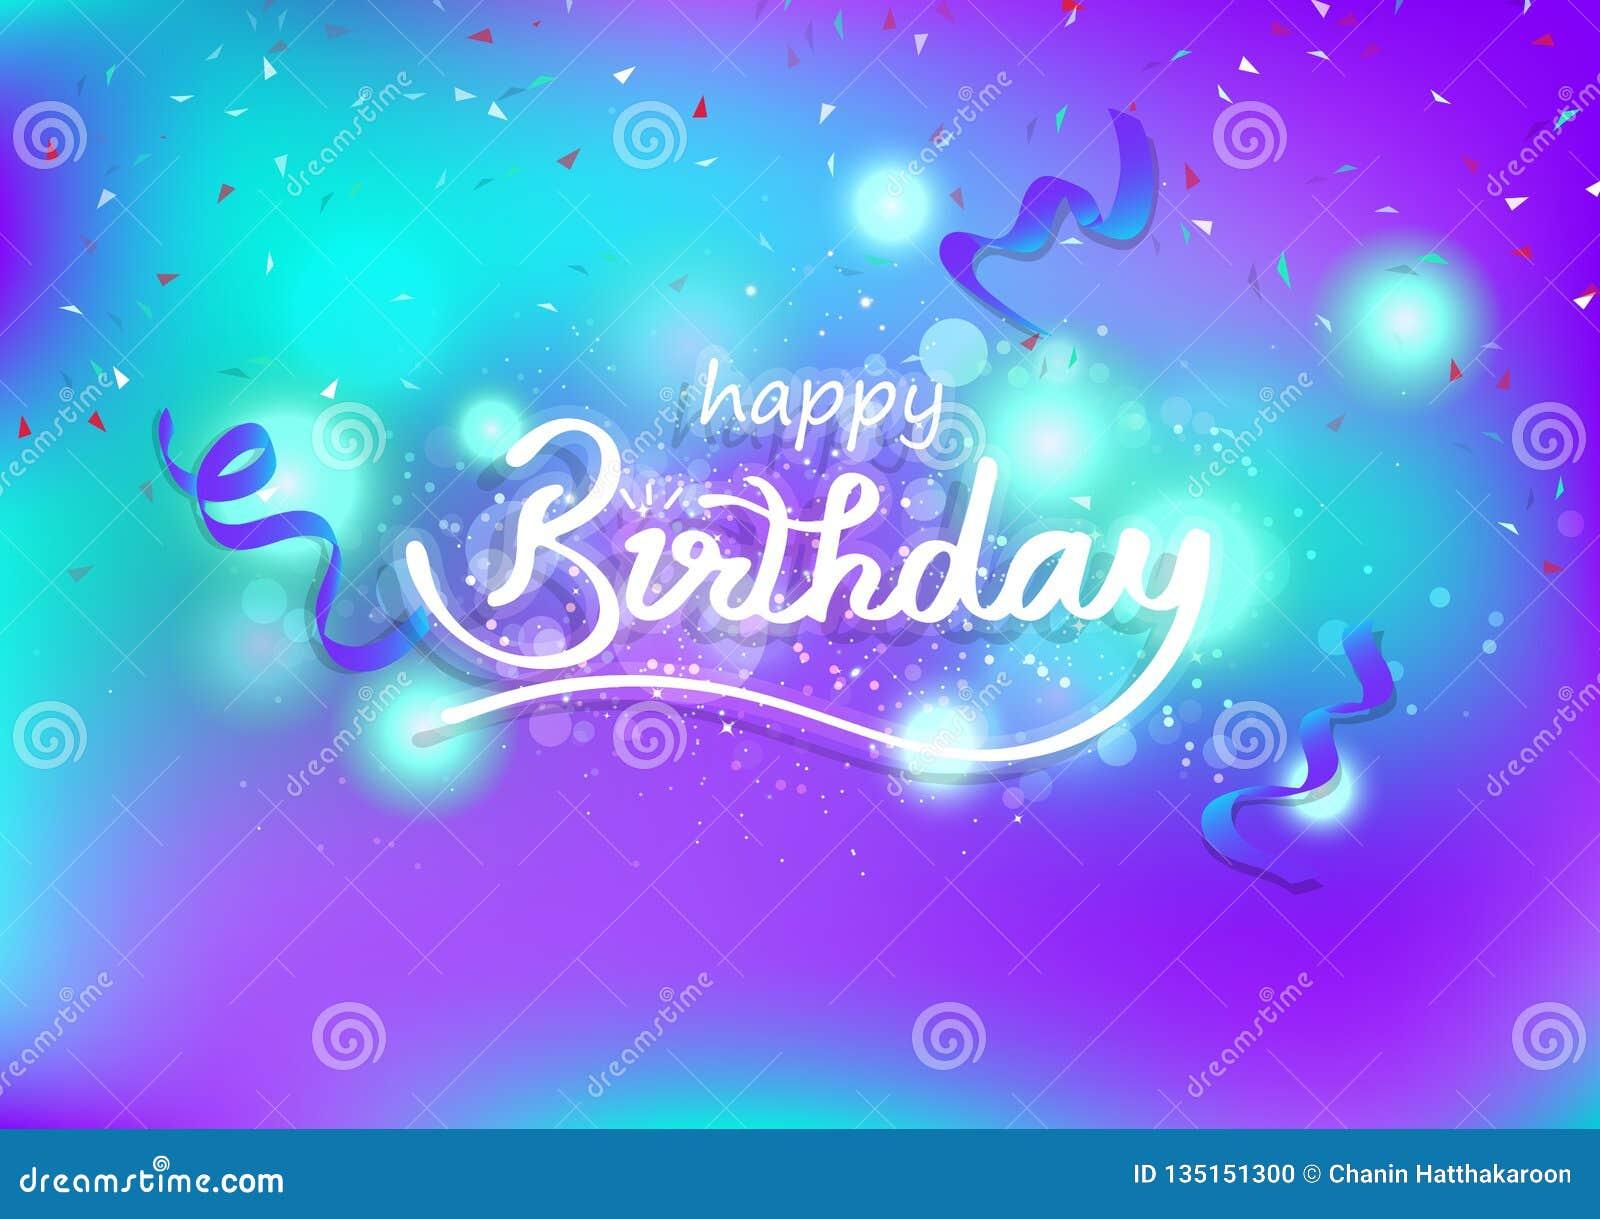 El feliz cumpleaños, el diseño creativo caligráfico y las estrellas fugaces mágicas, celebración de las cintas adornan, contexto